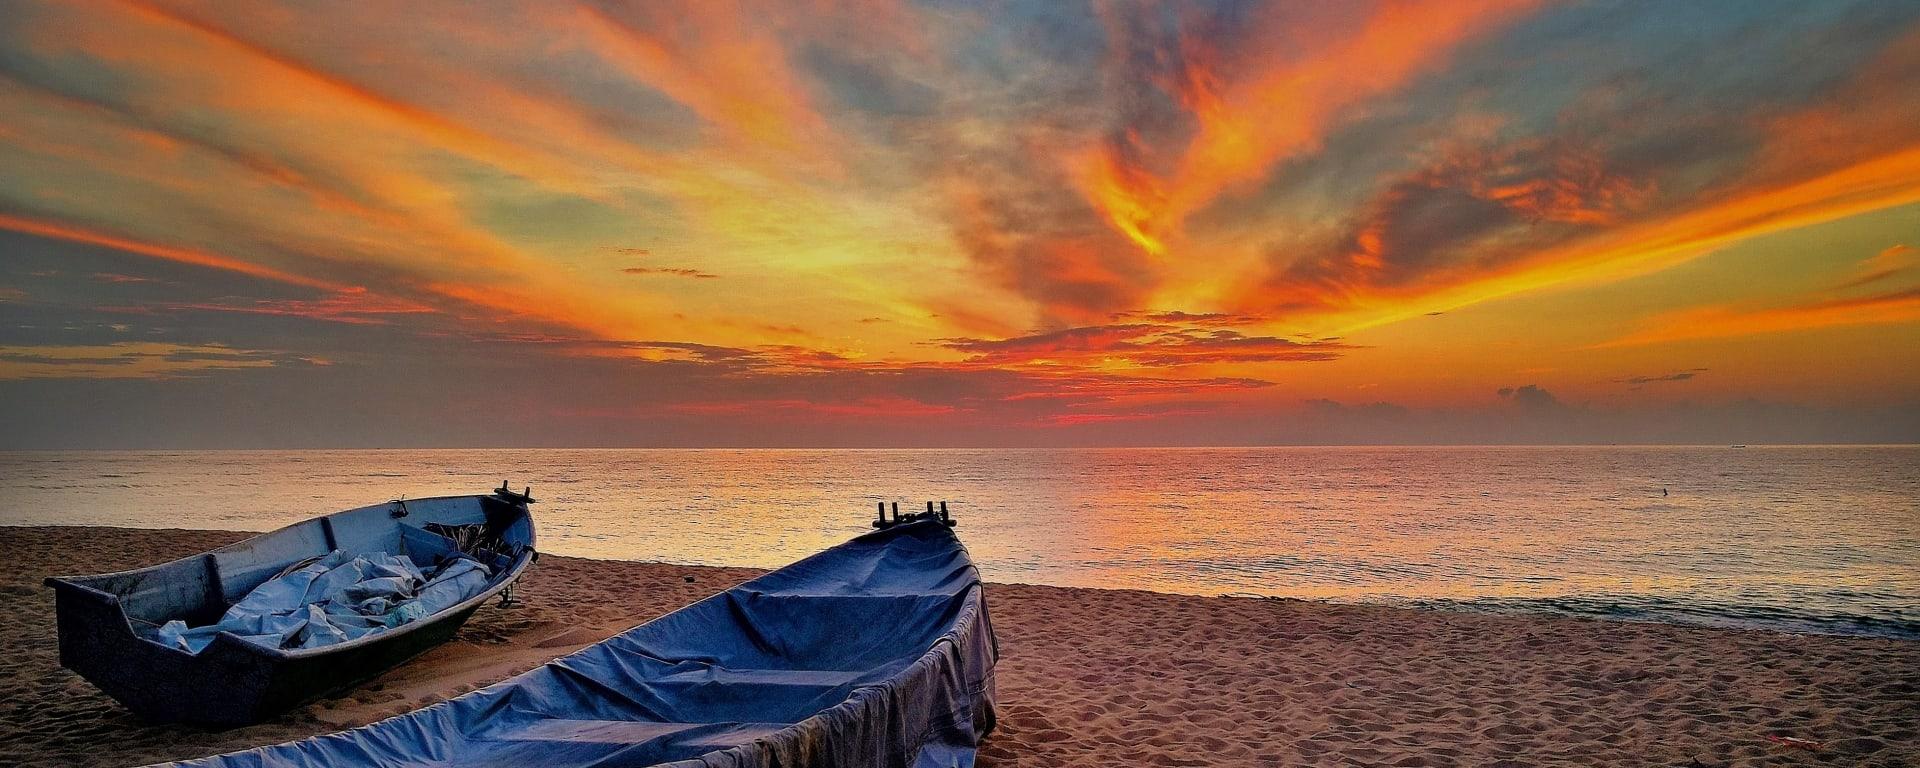 Malaysia entdecken mit Tischler Reisen: Malaysia Dungun Sonnenuntergang